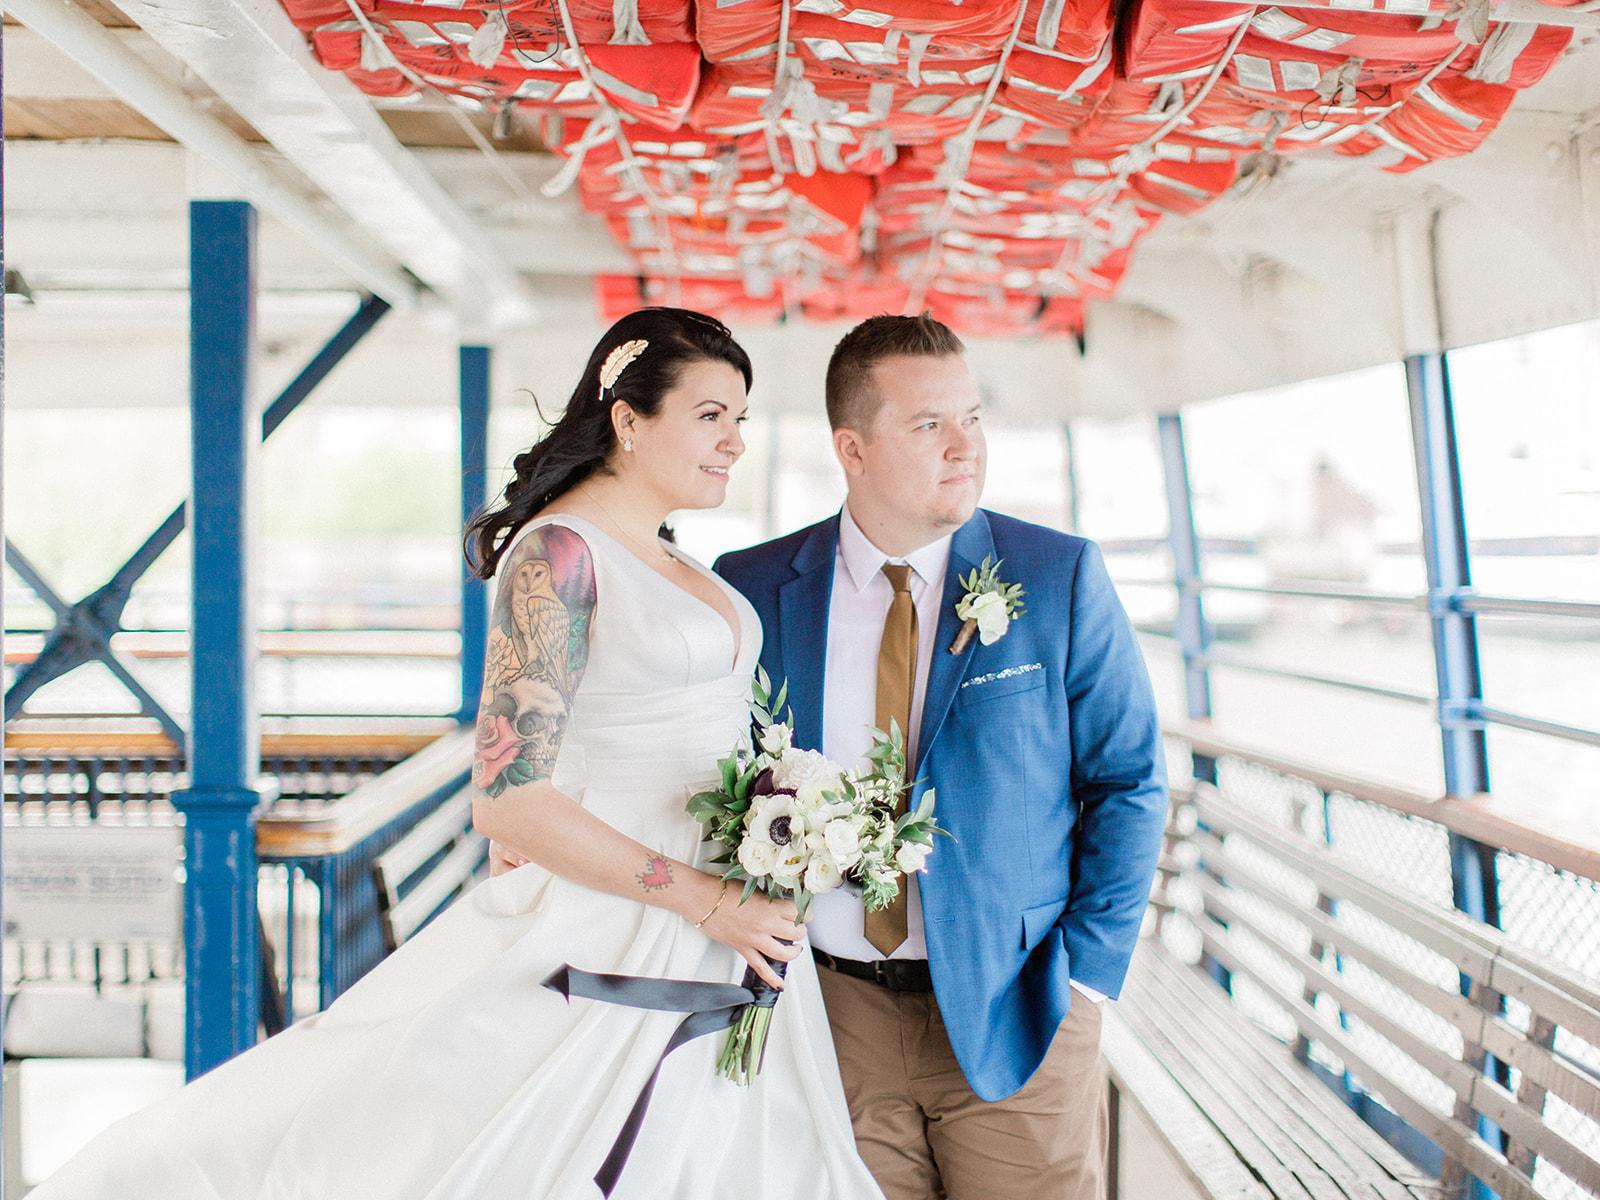 Courtney & Matt Wedding 2019-276_websize.jpg